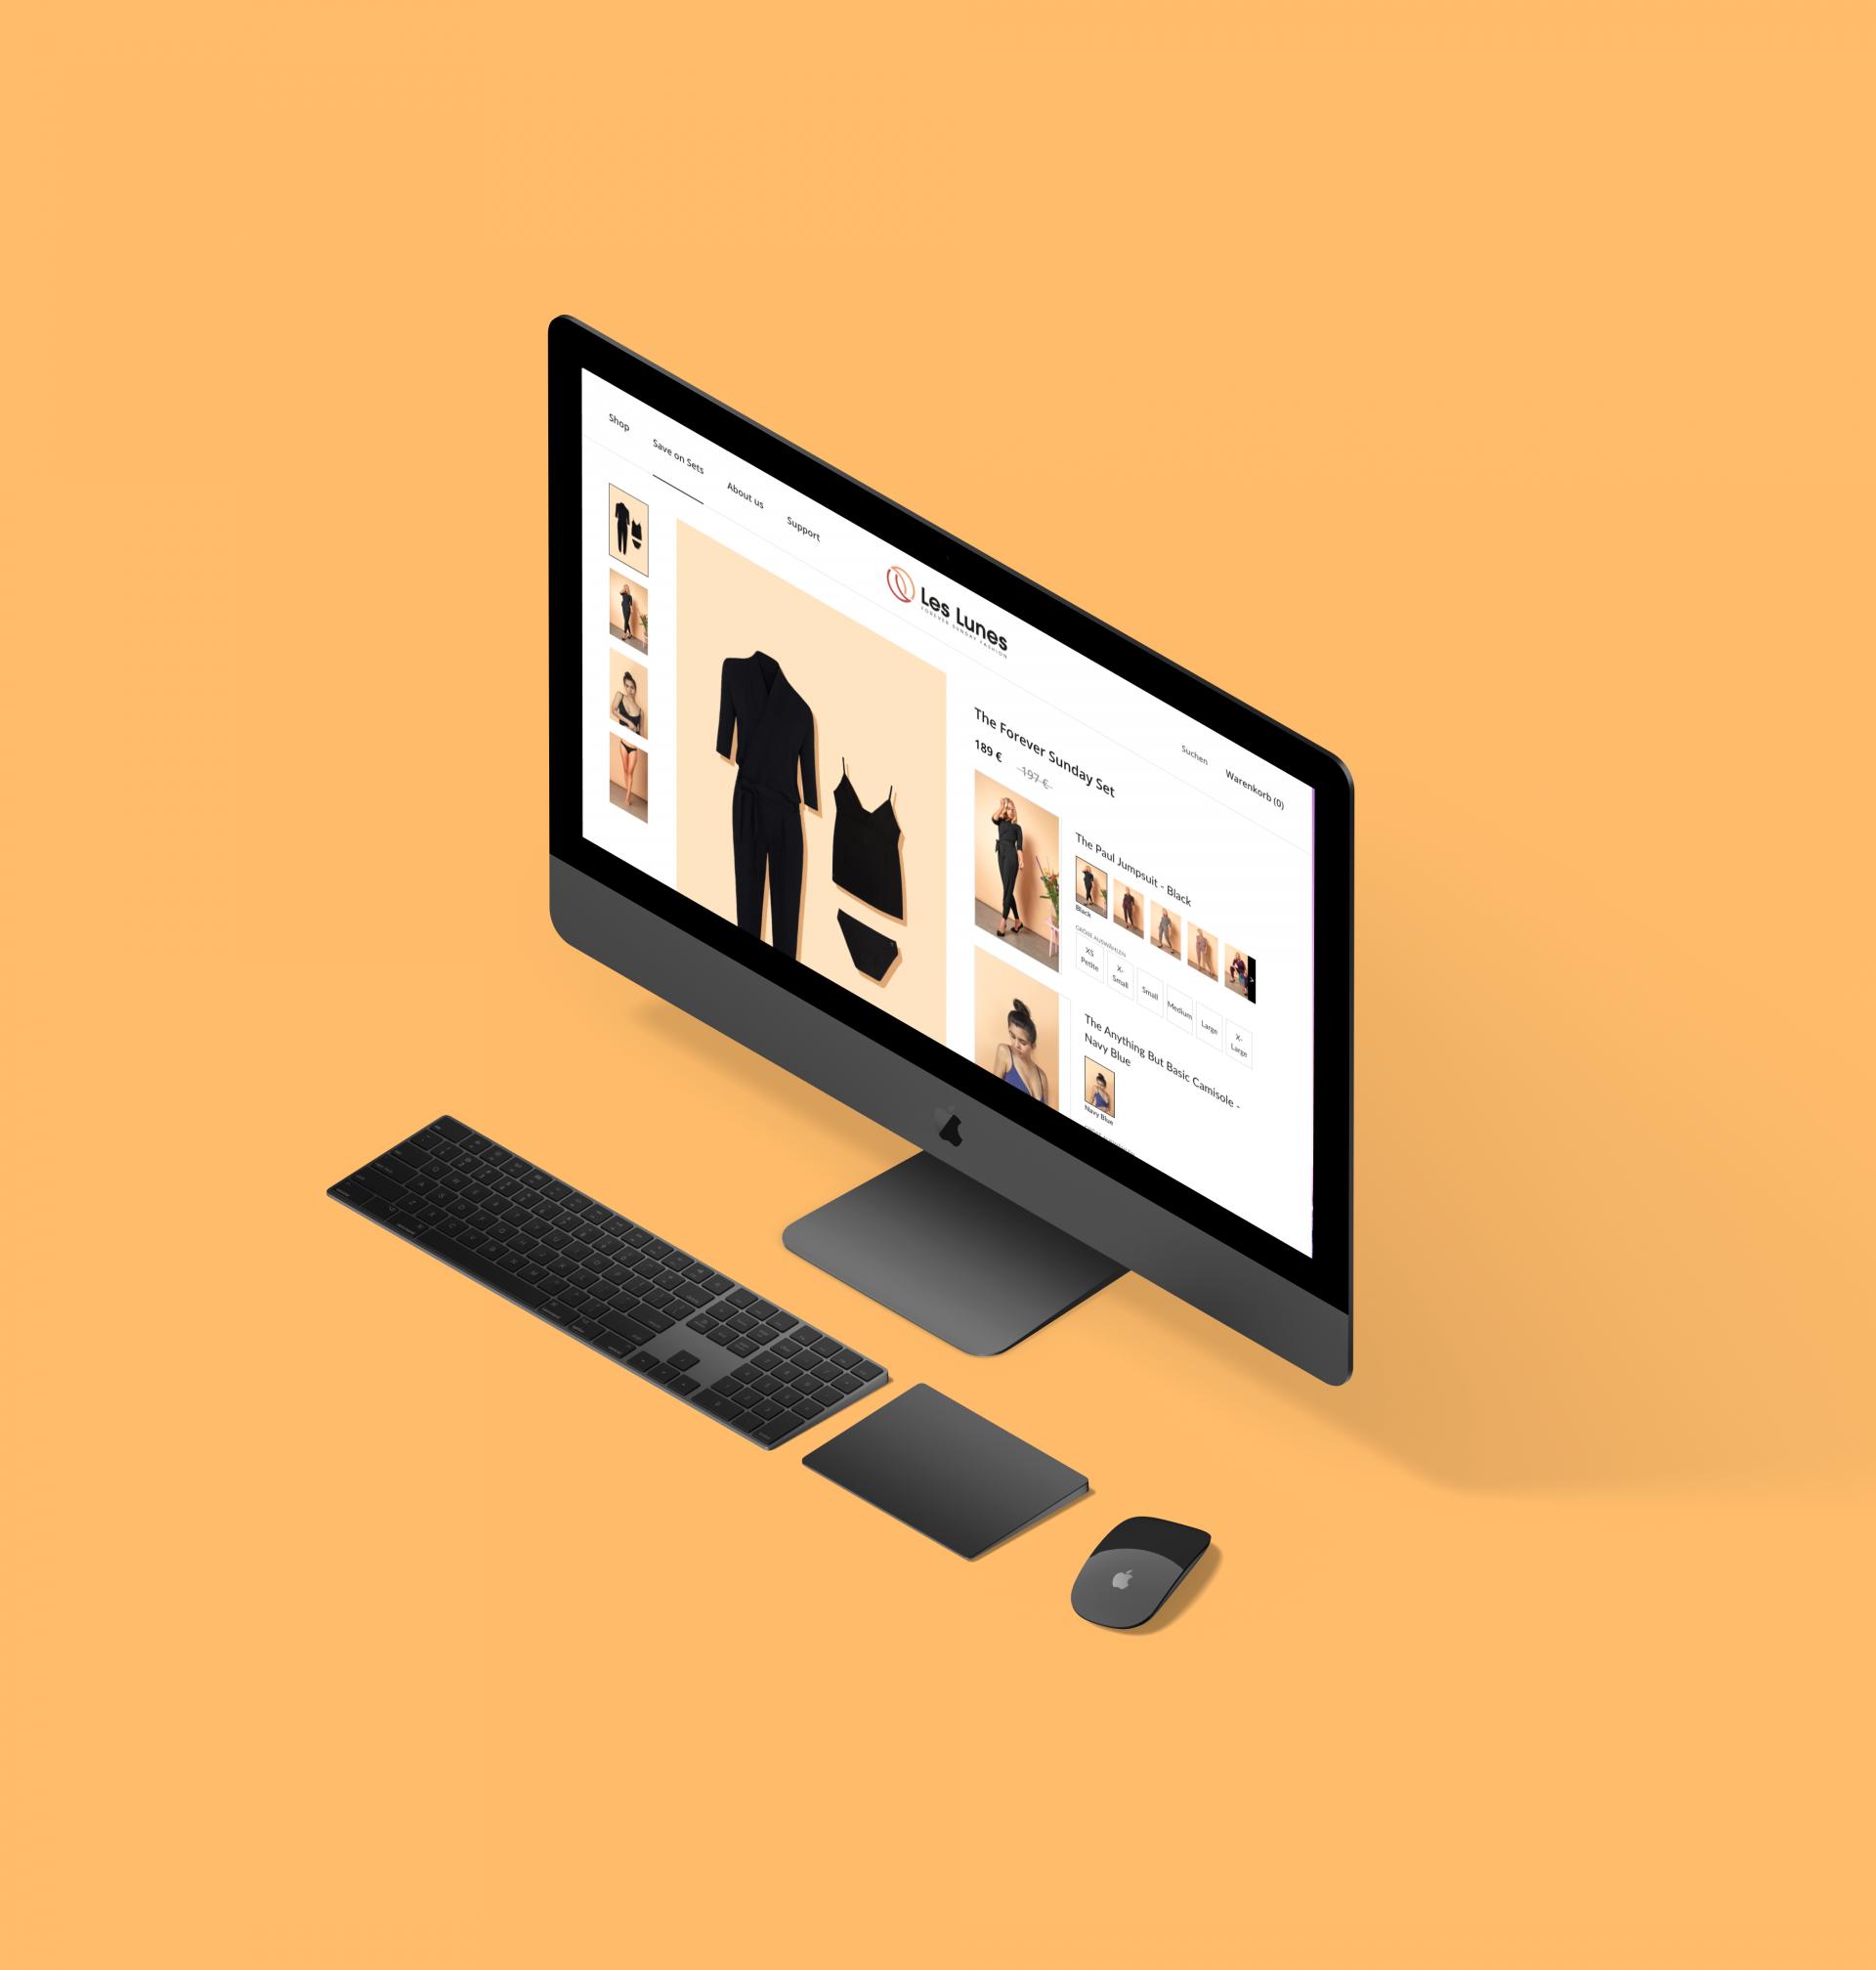 les lunes shopify bundle case study desktop mockup